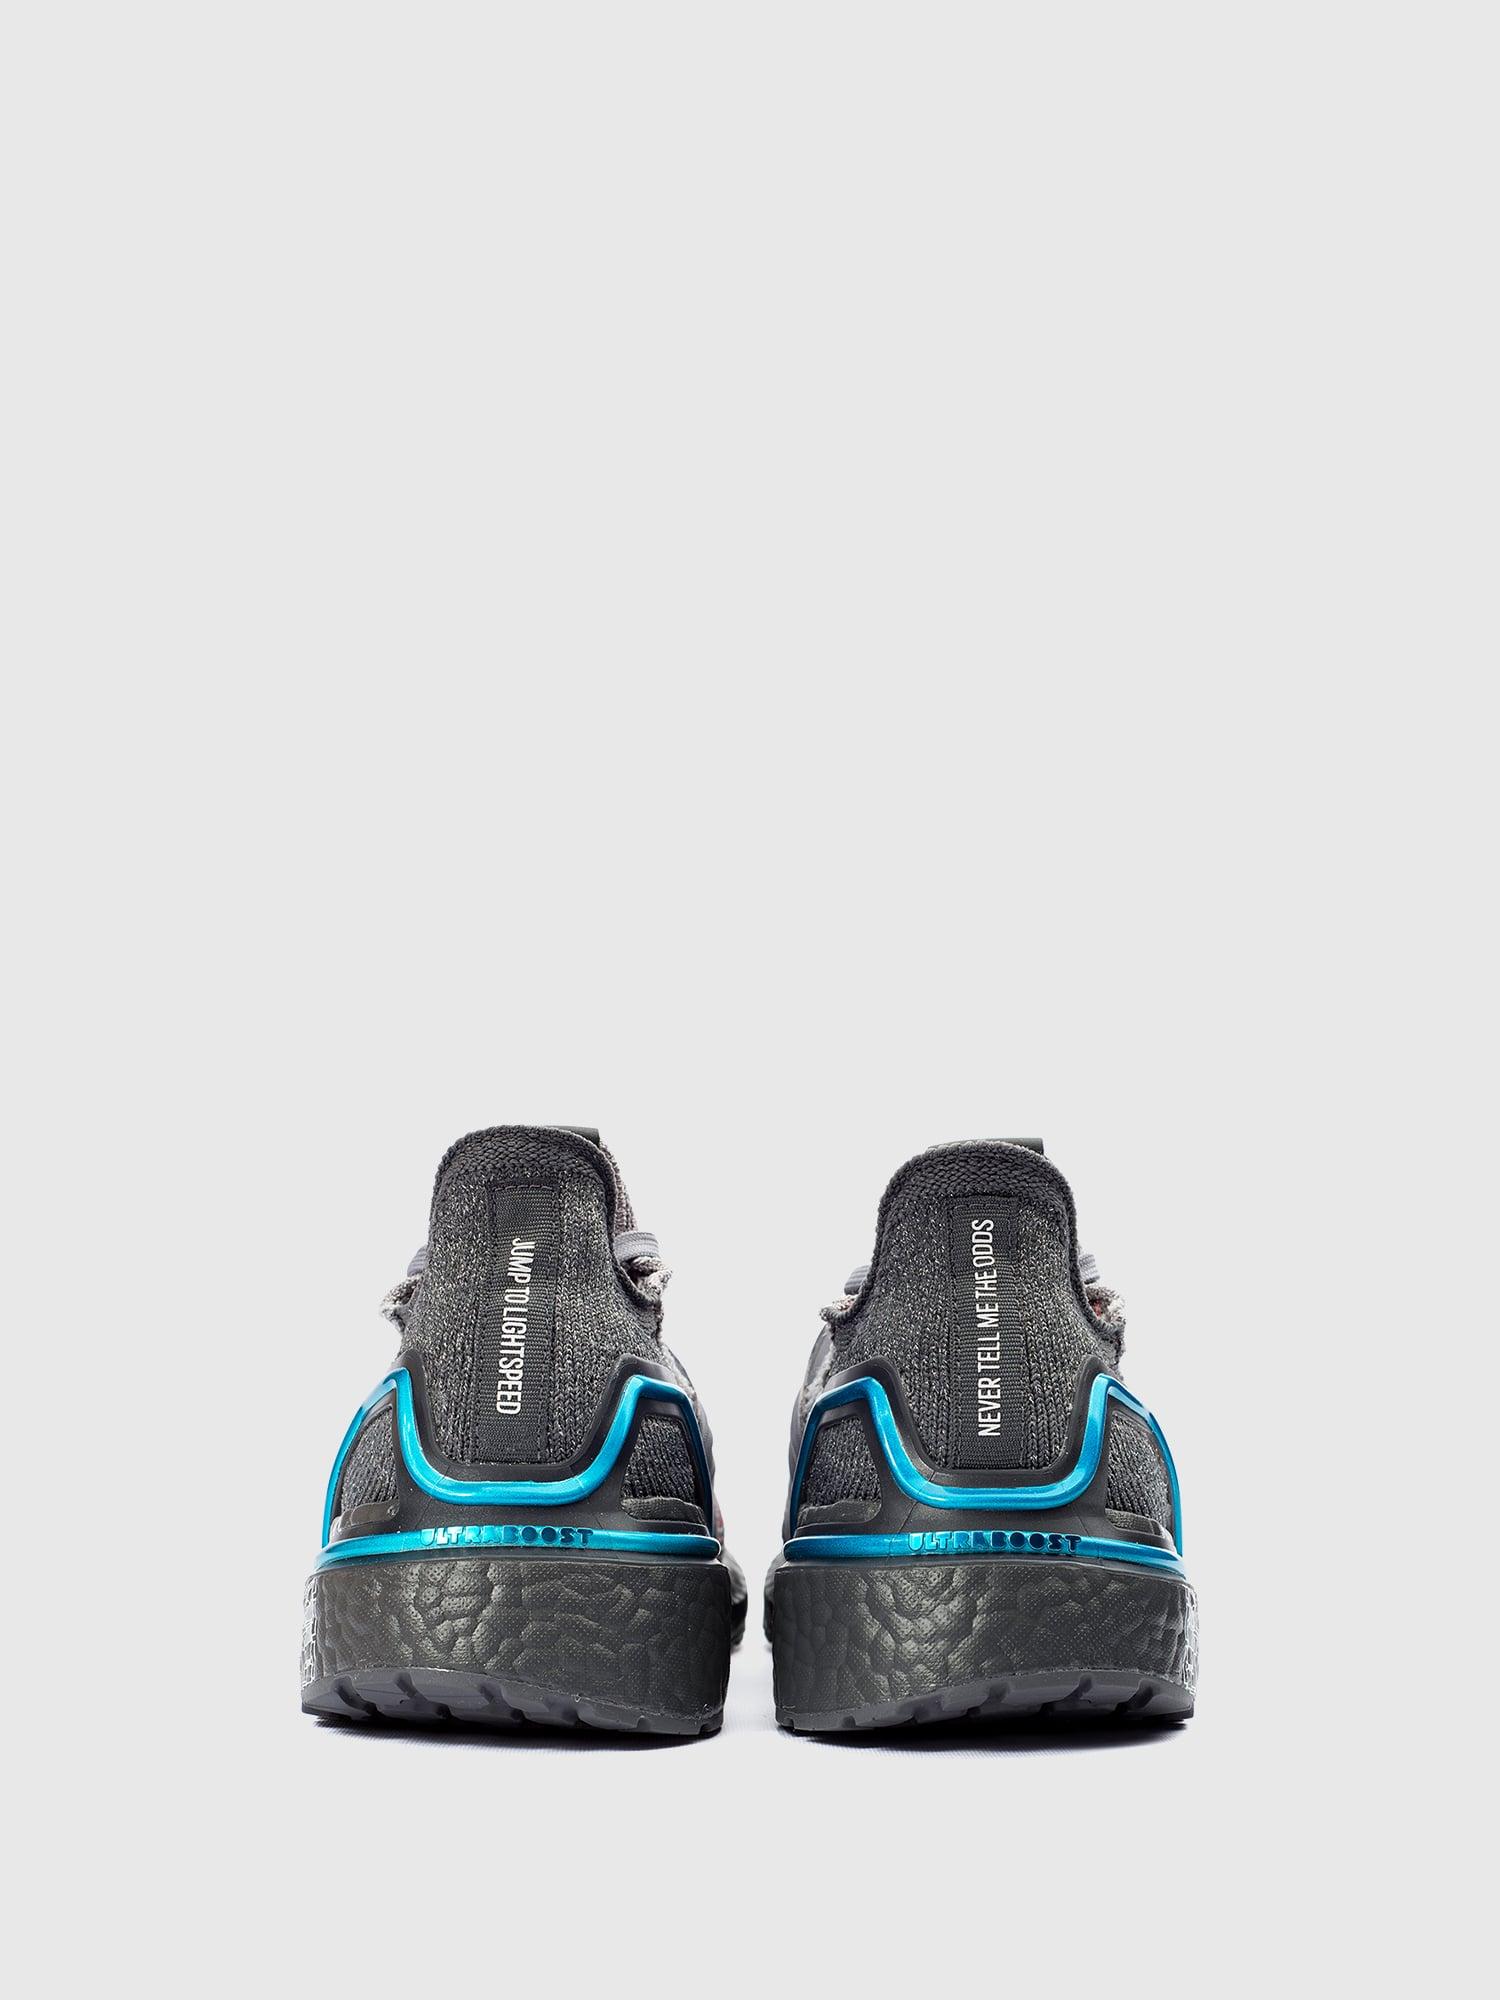 Adidas Ultra Boost 19 Star Wars Millennium Falcon